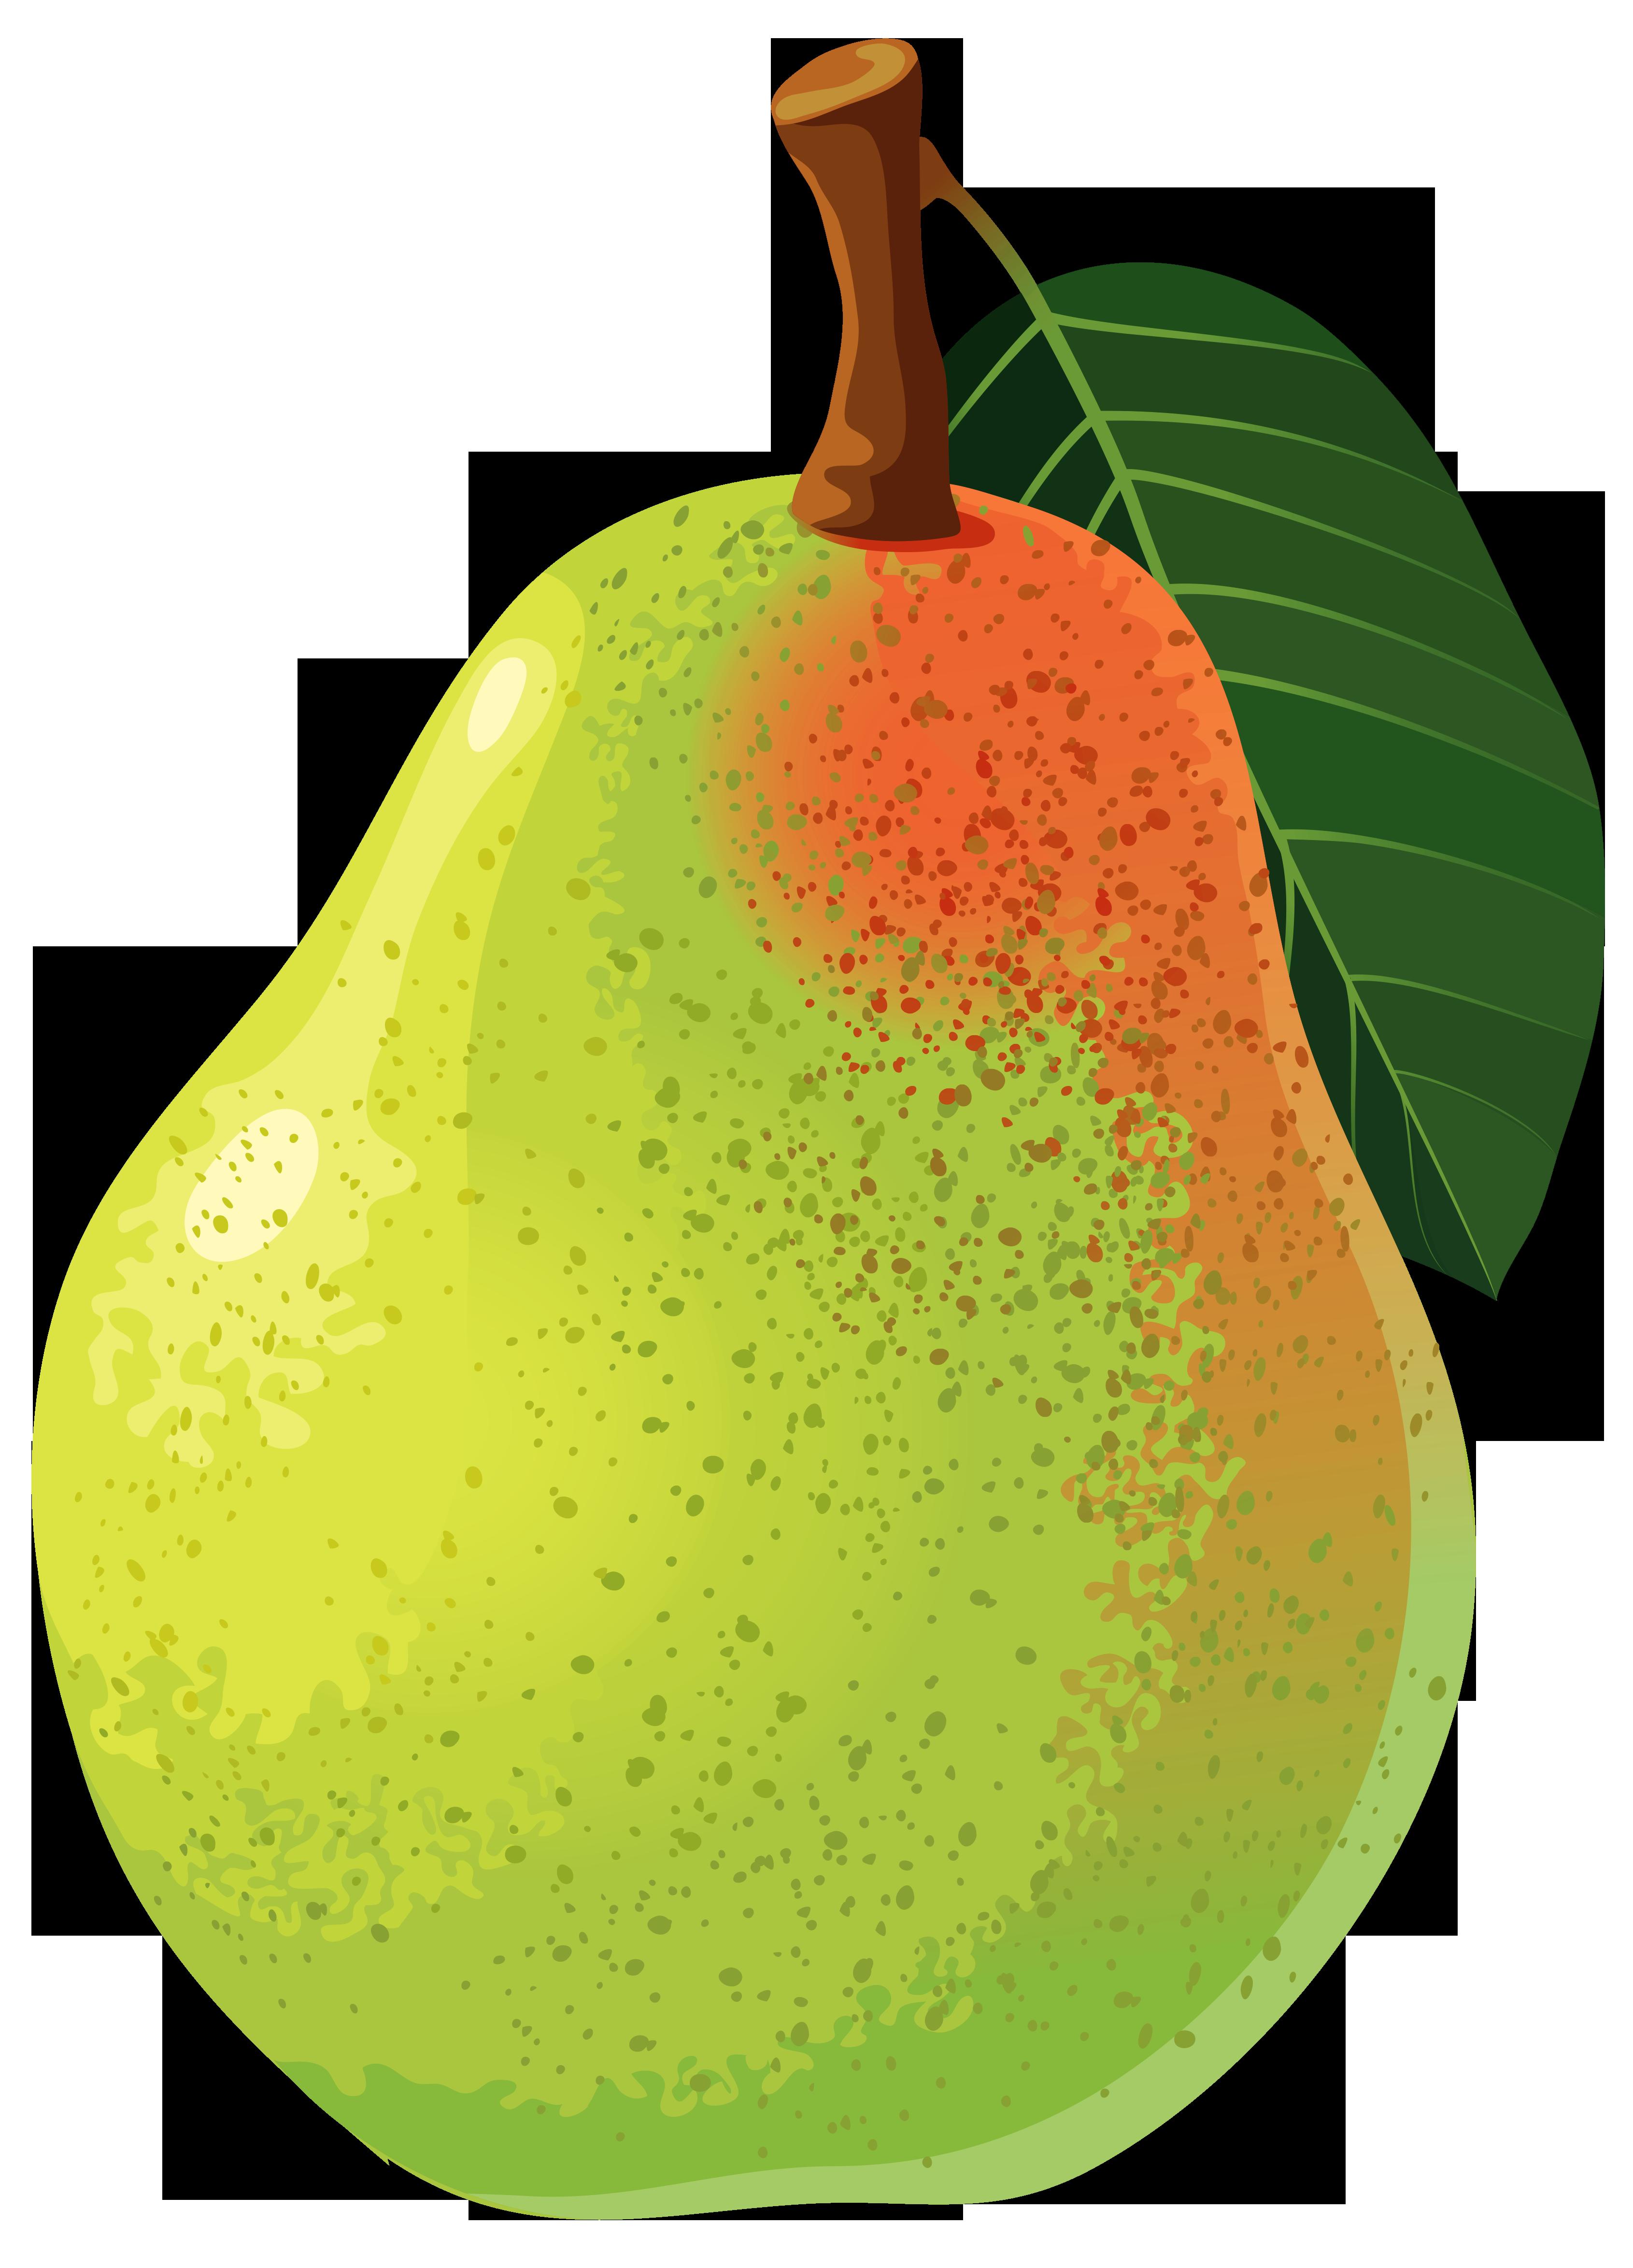 Papaya green pencil and. Pear clipart nashpati